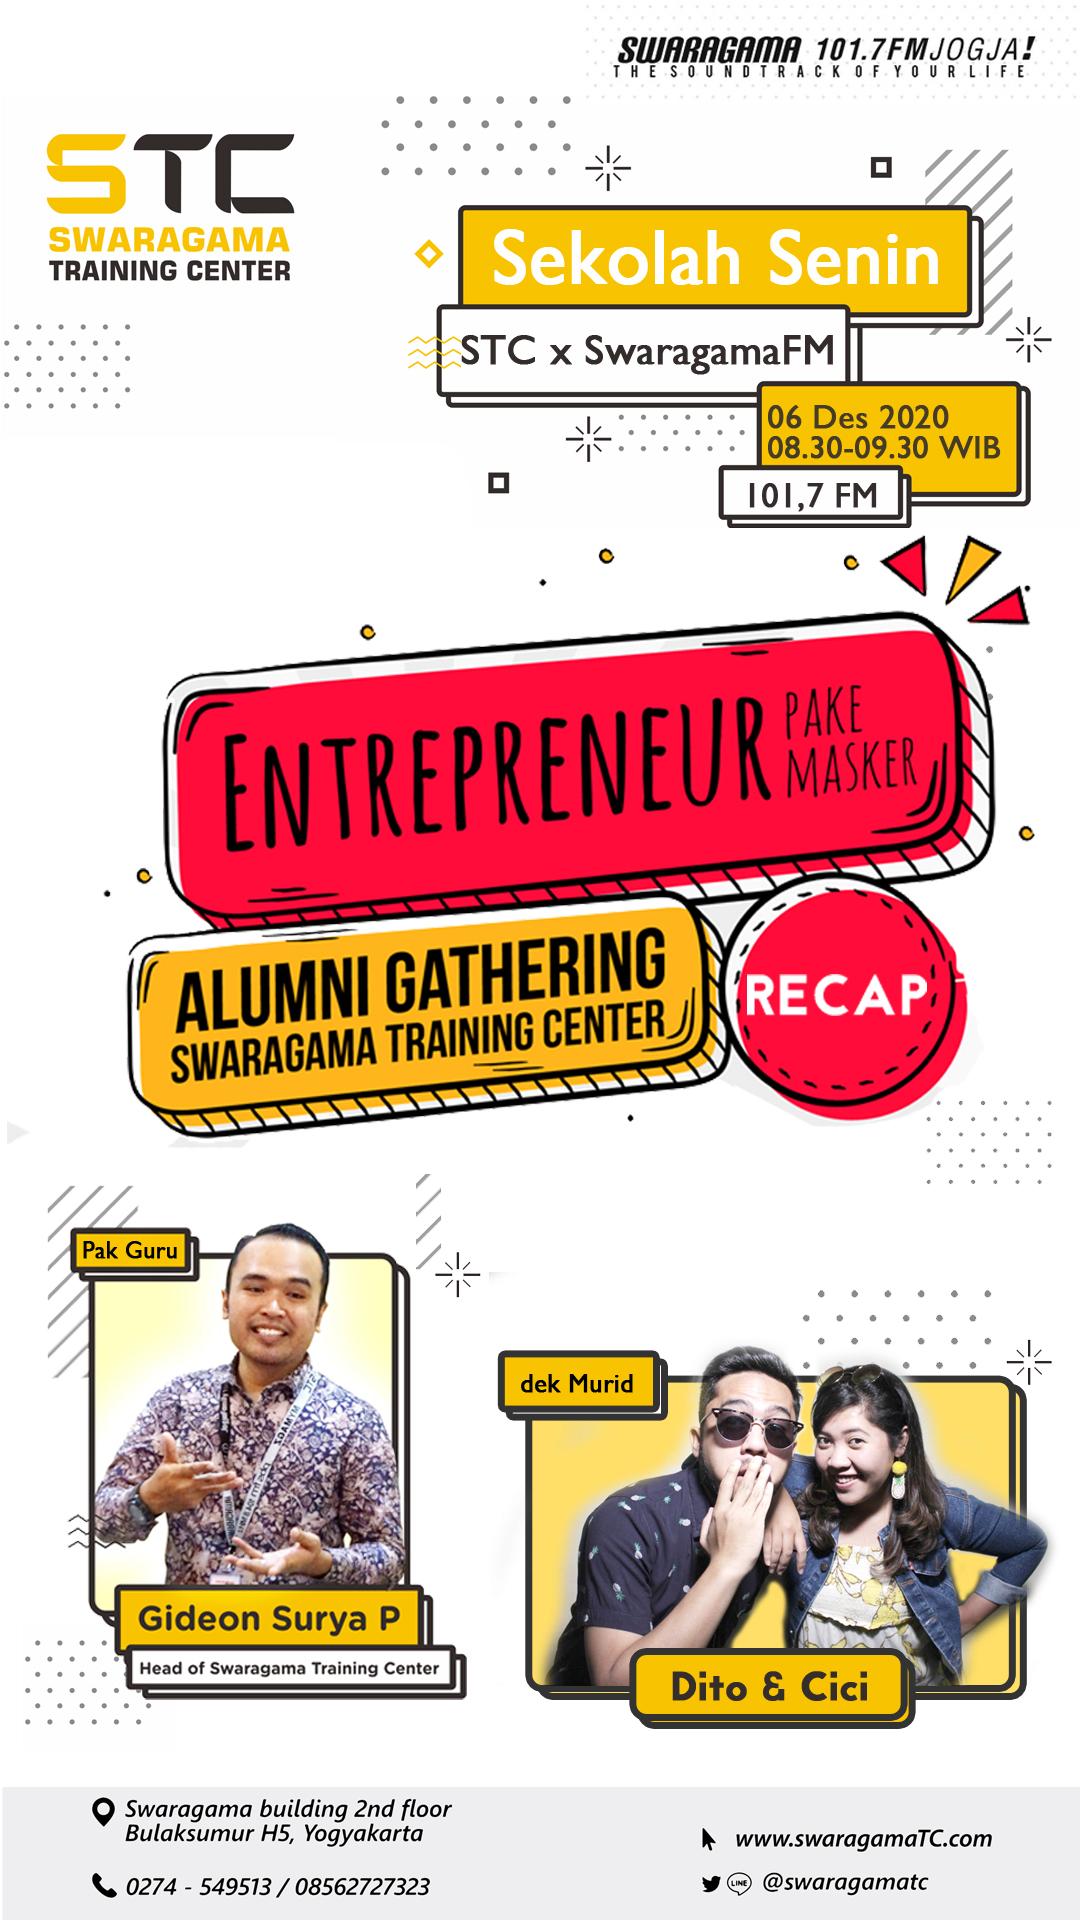 Recap Entrepreneur pake masker Alumni Gathering STC – Sekolah Senin 07 Desember 2020